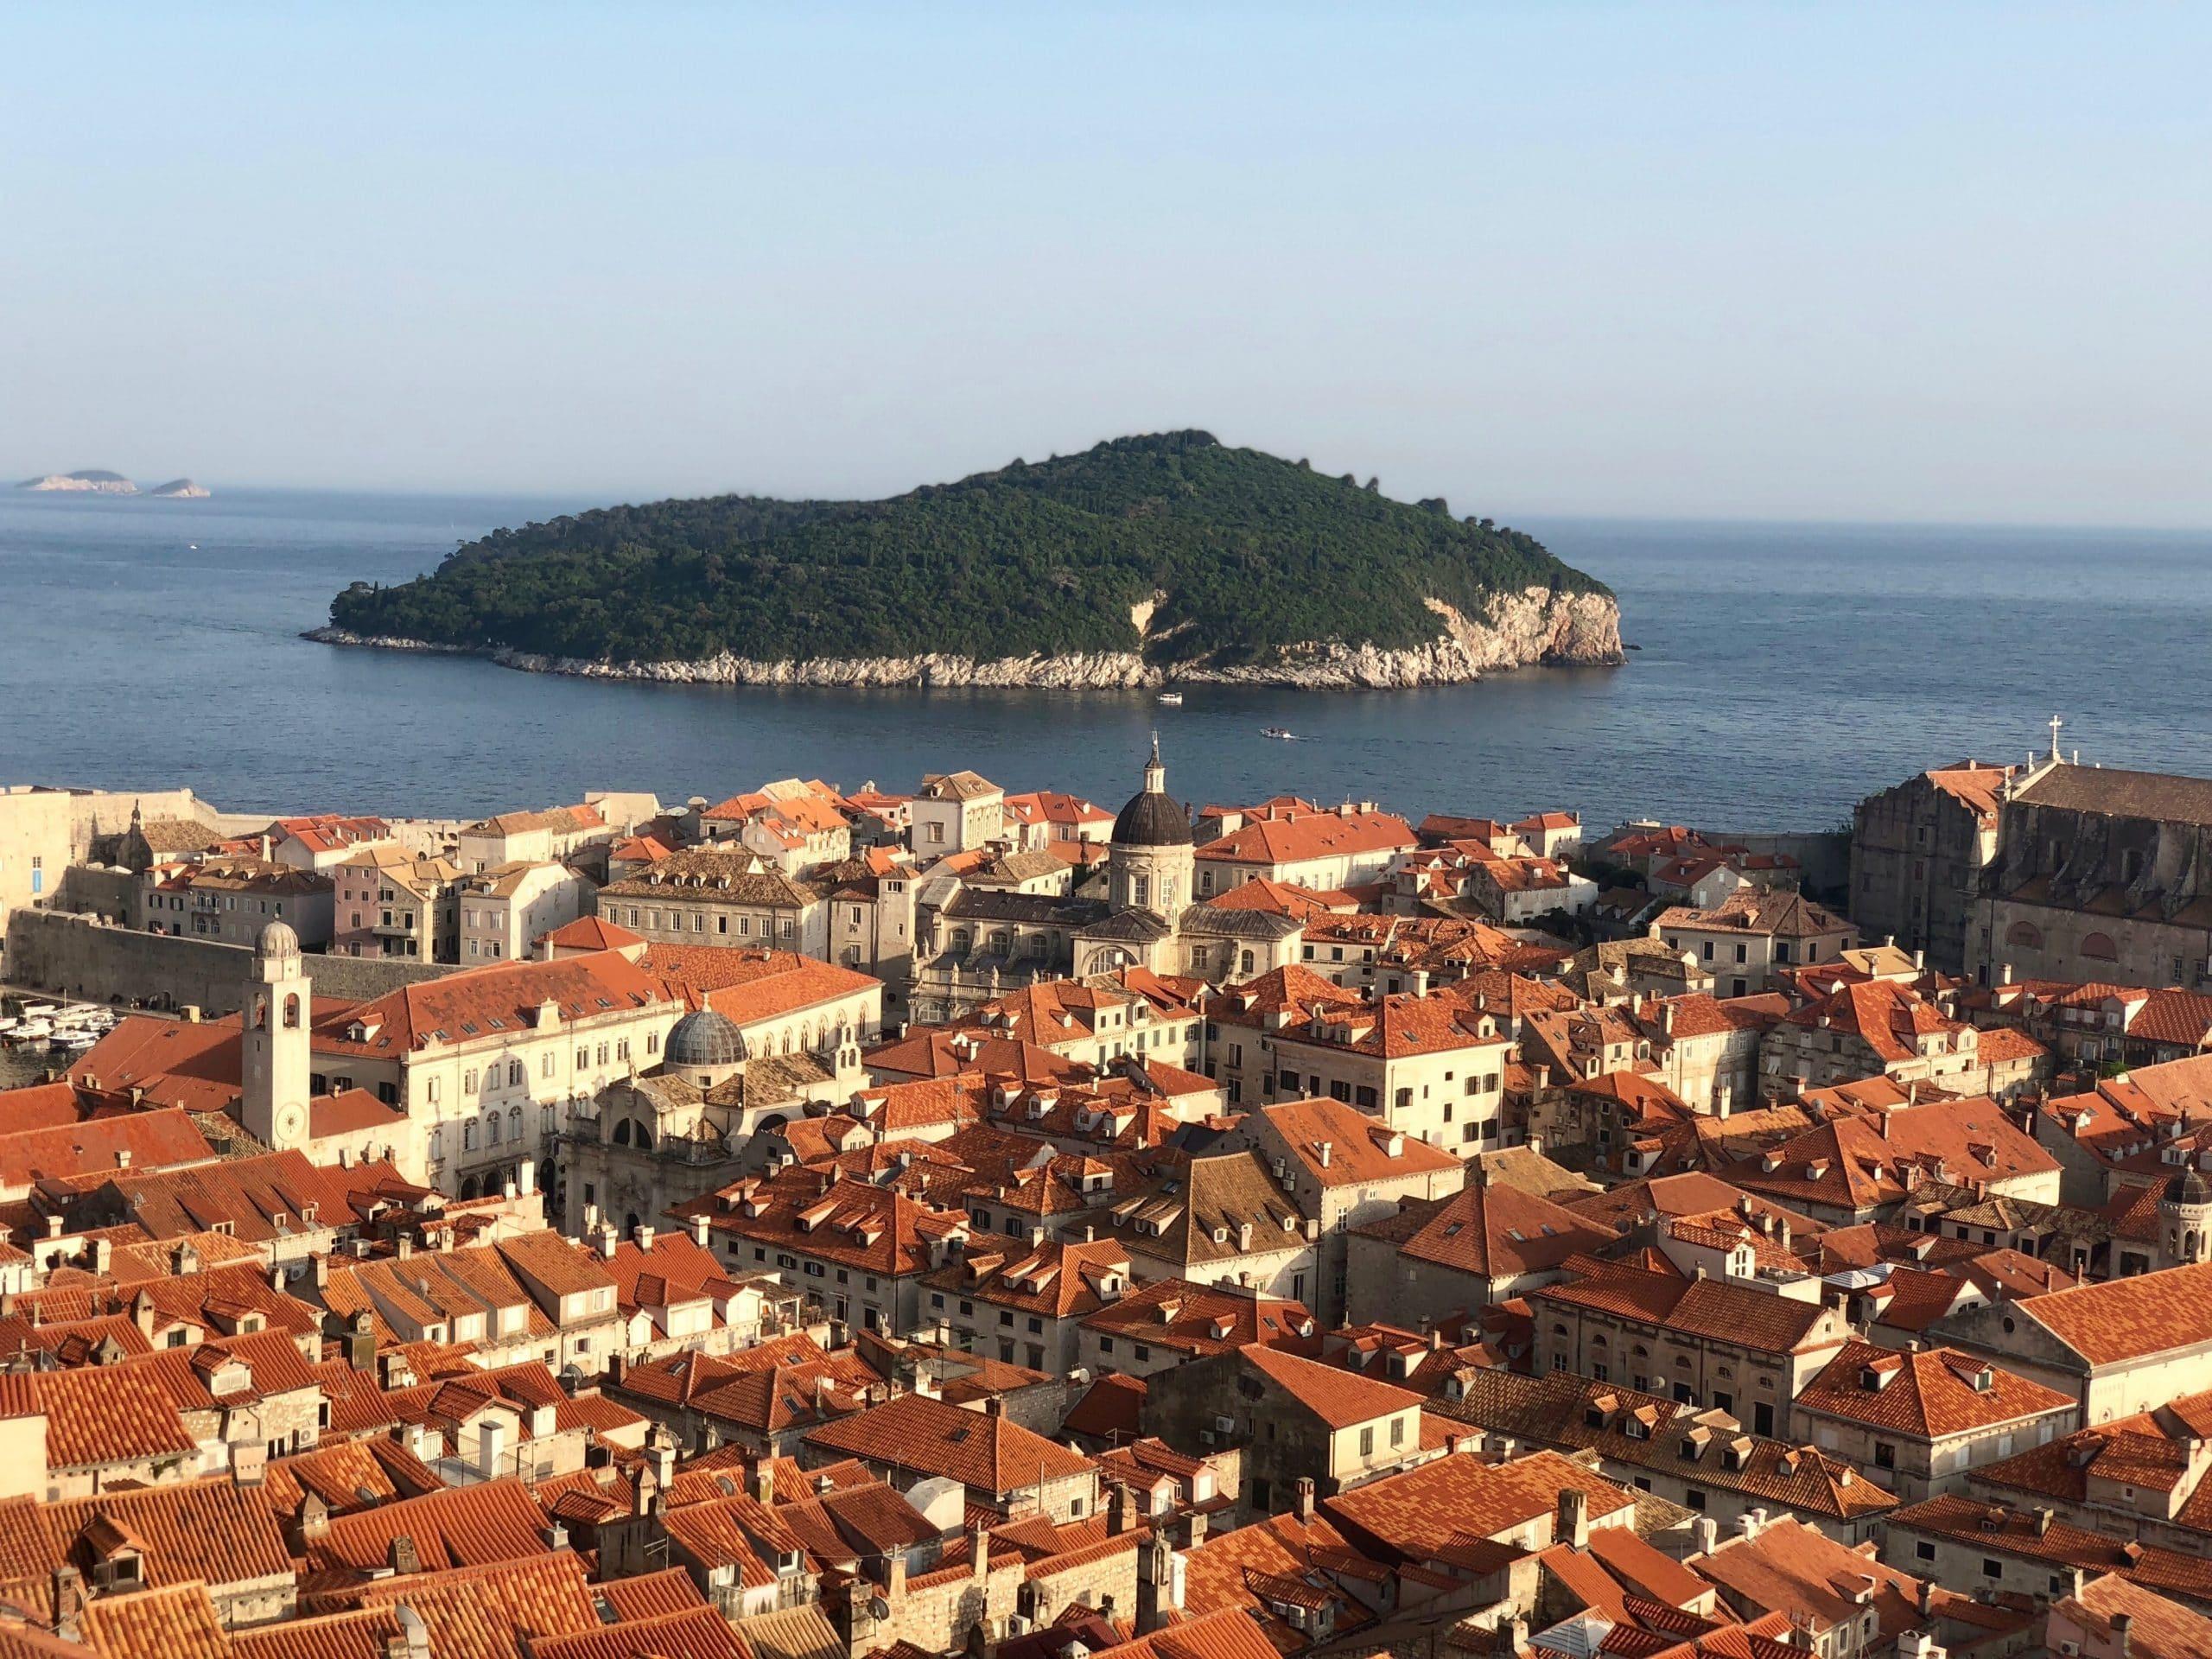 Dubrovnik old town skyline